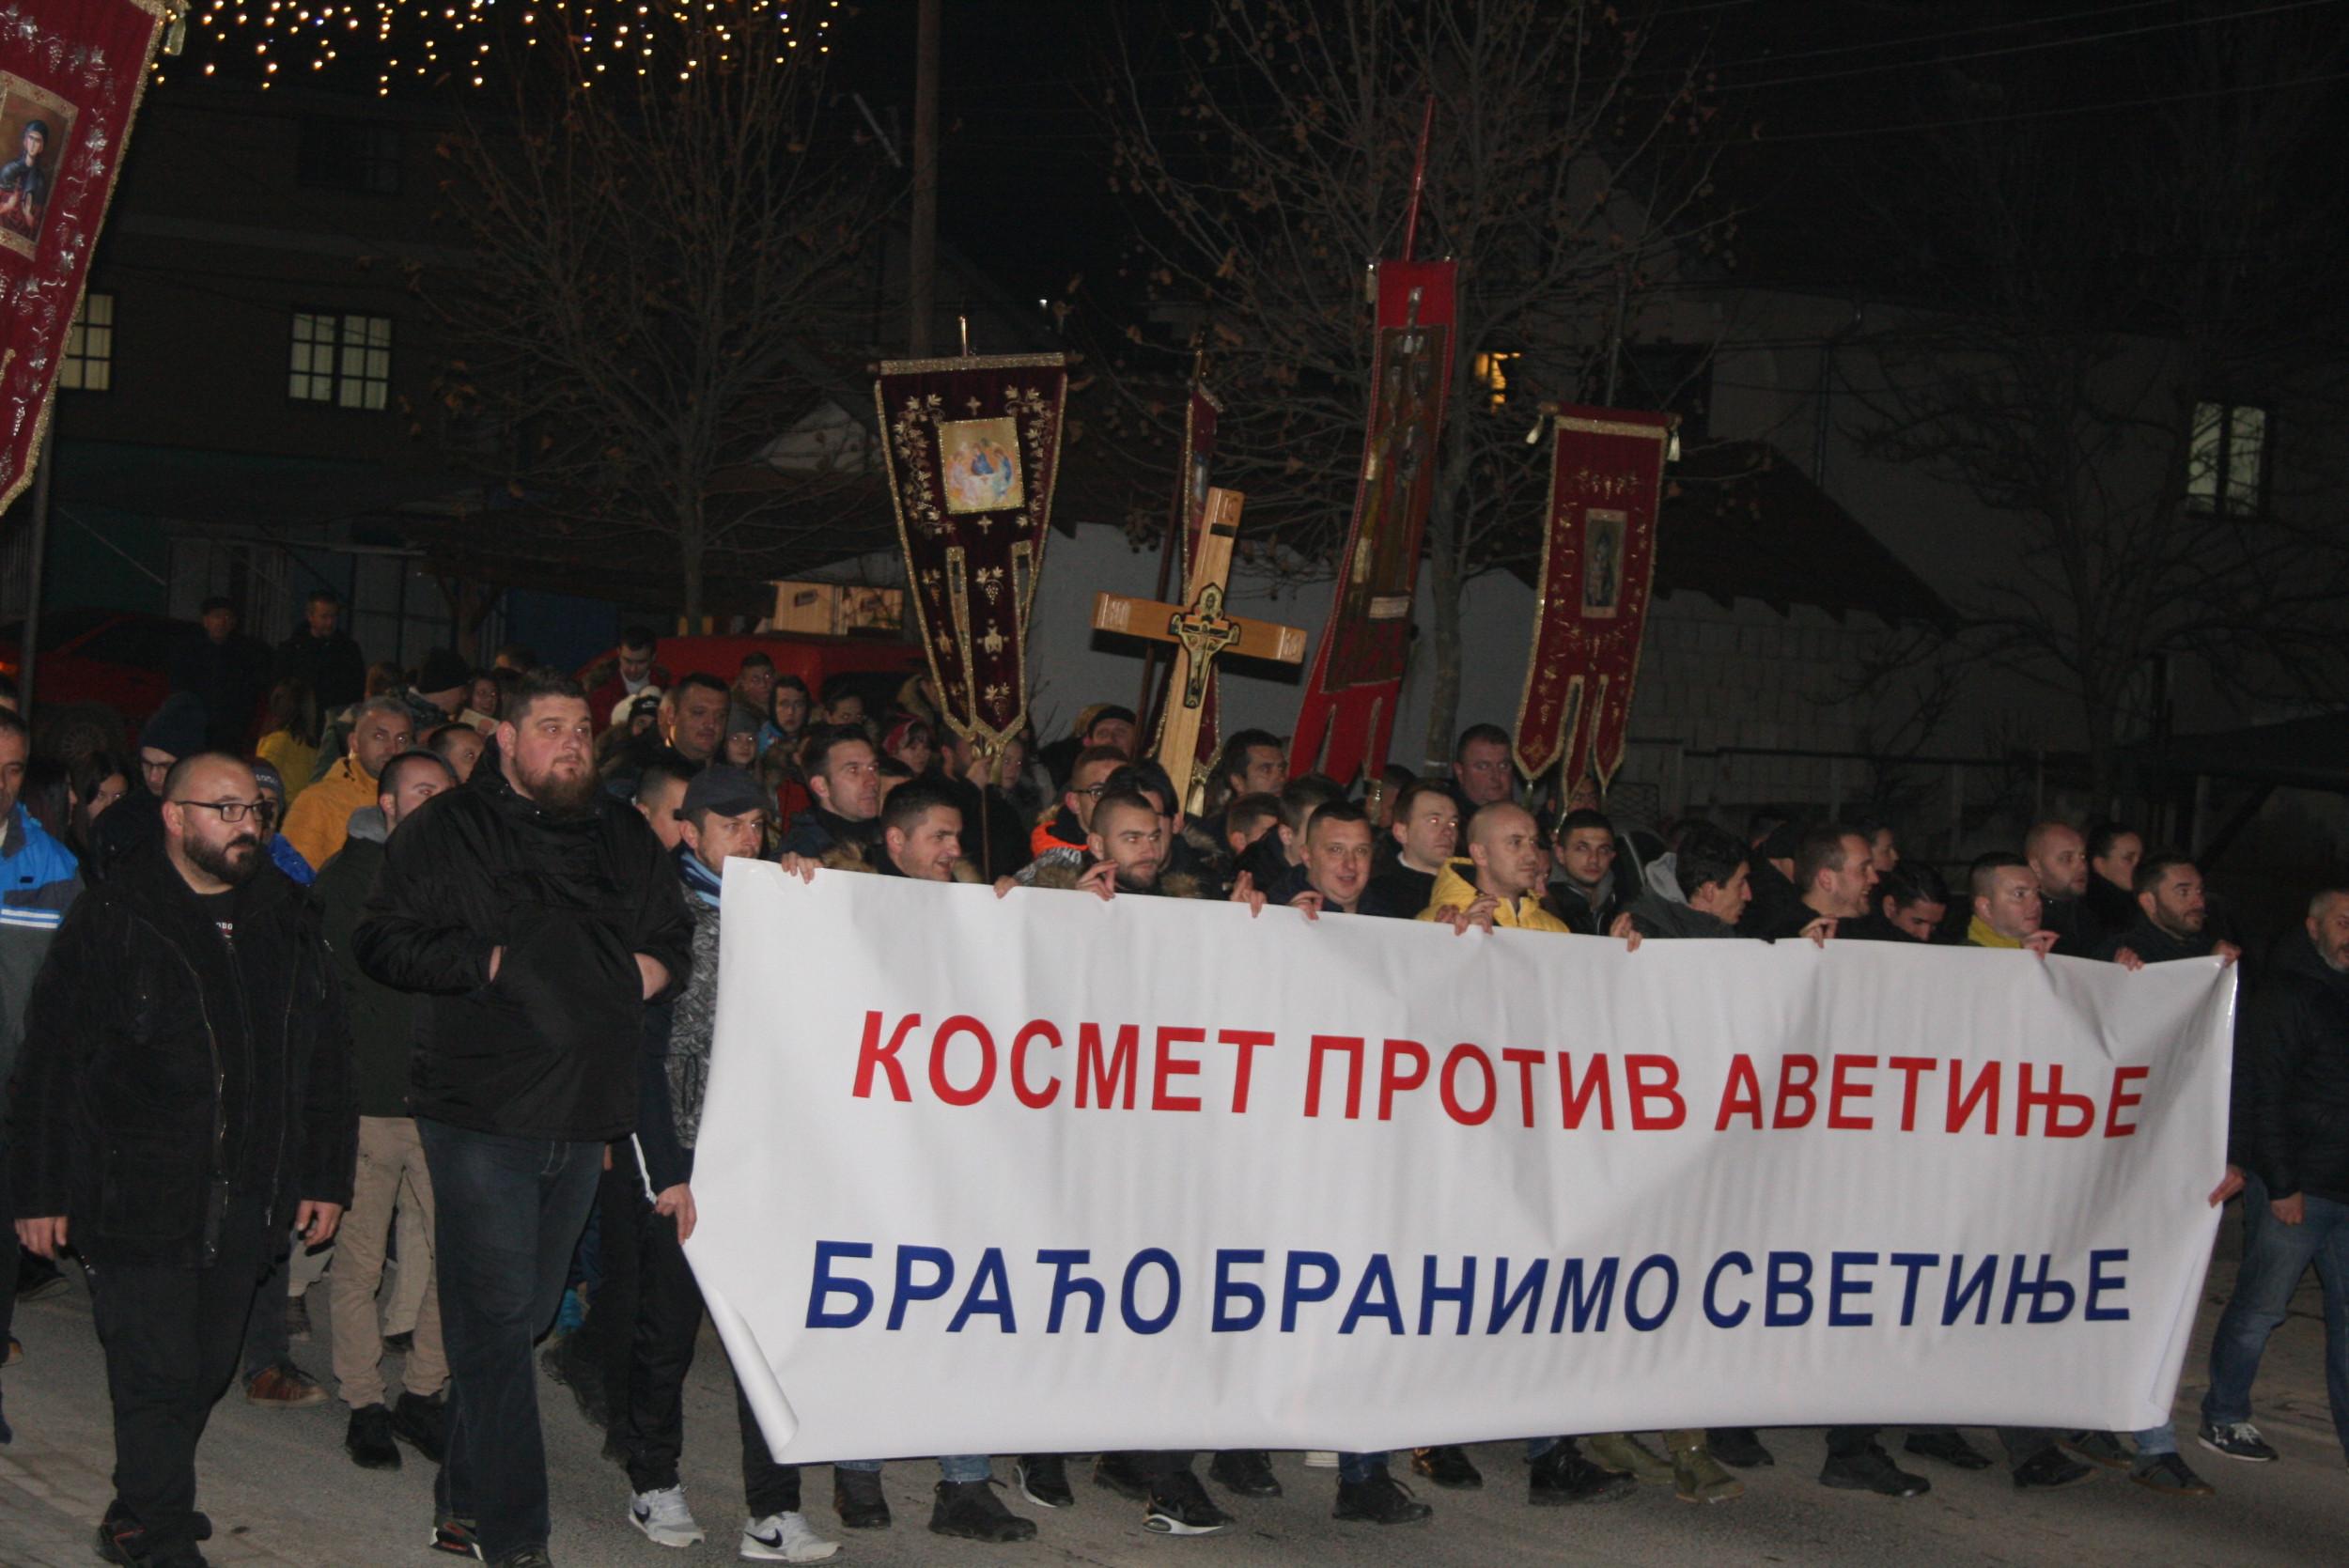 Литија у Грачаници за подршку Србима у Црној Гори, 09. јануар 2020. (Фото: Јања Гаћеша/Нови Стандард)